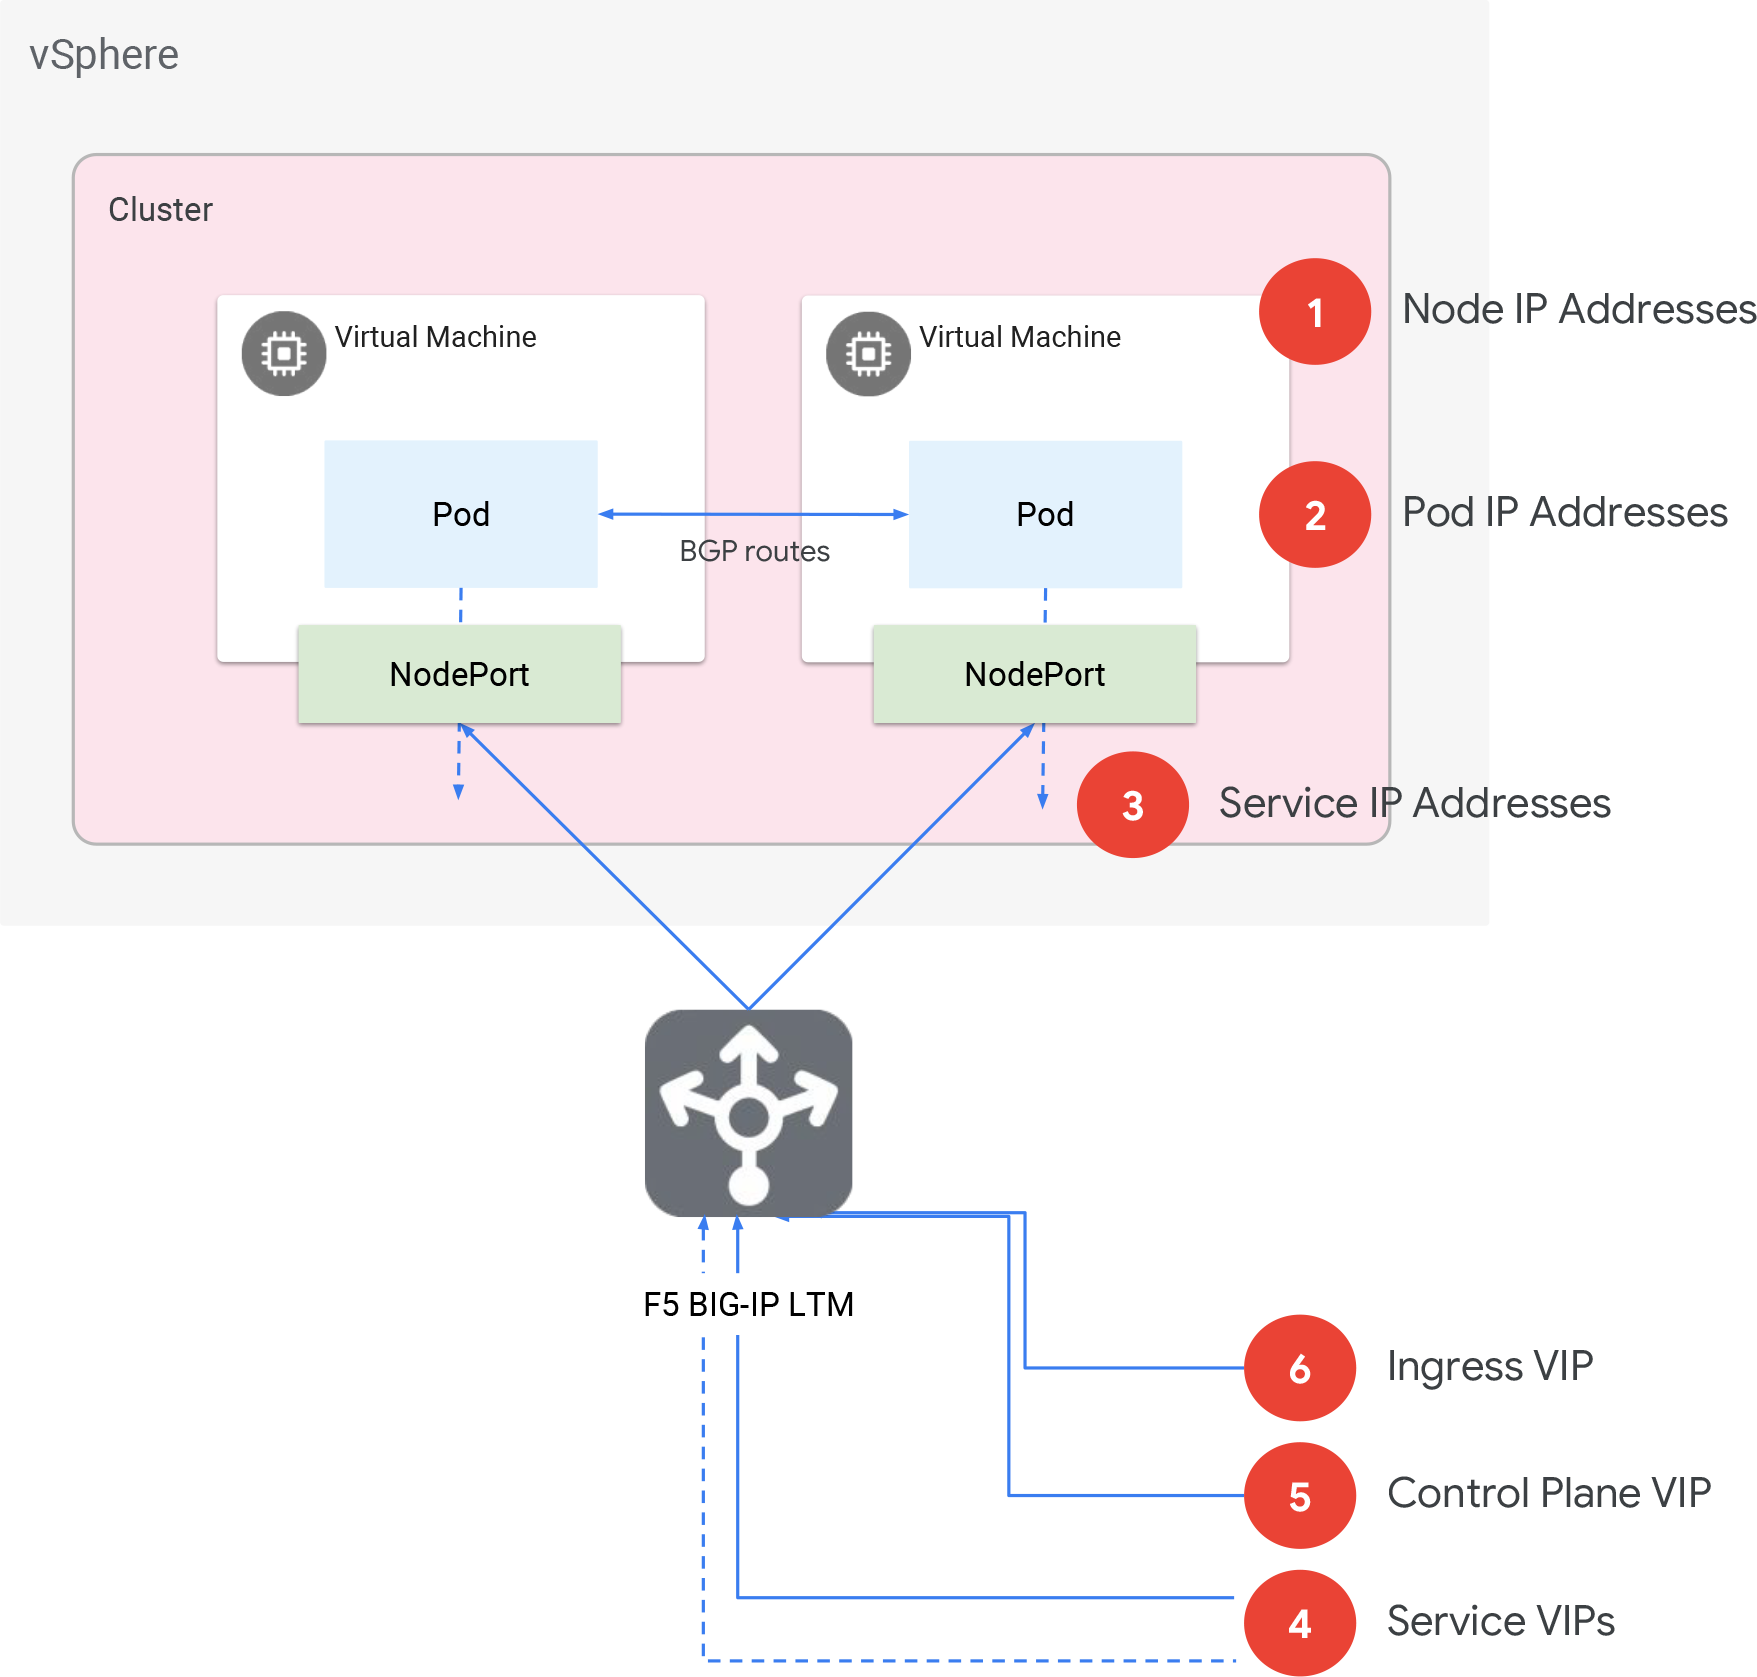 Diagramm zur Beschreibung der Anthos-Cluster auf VMware-Architektur